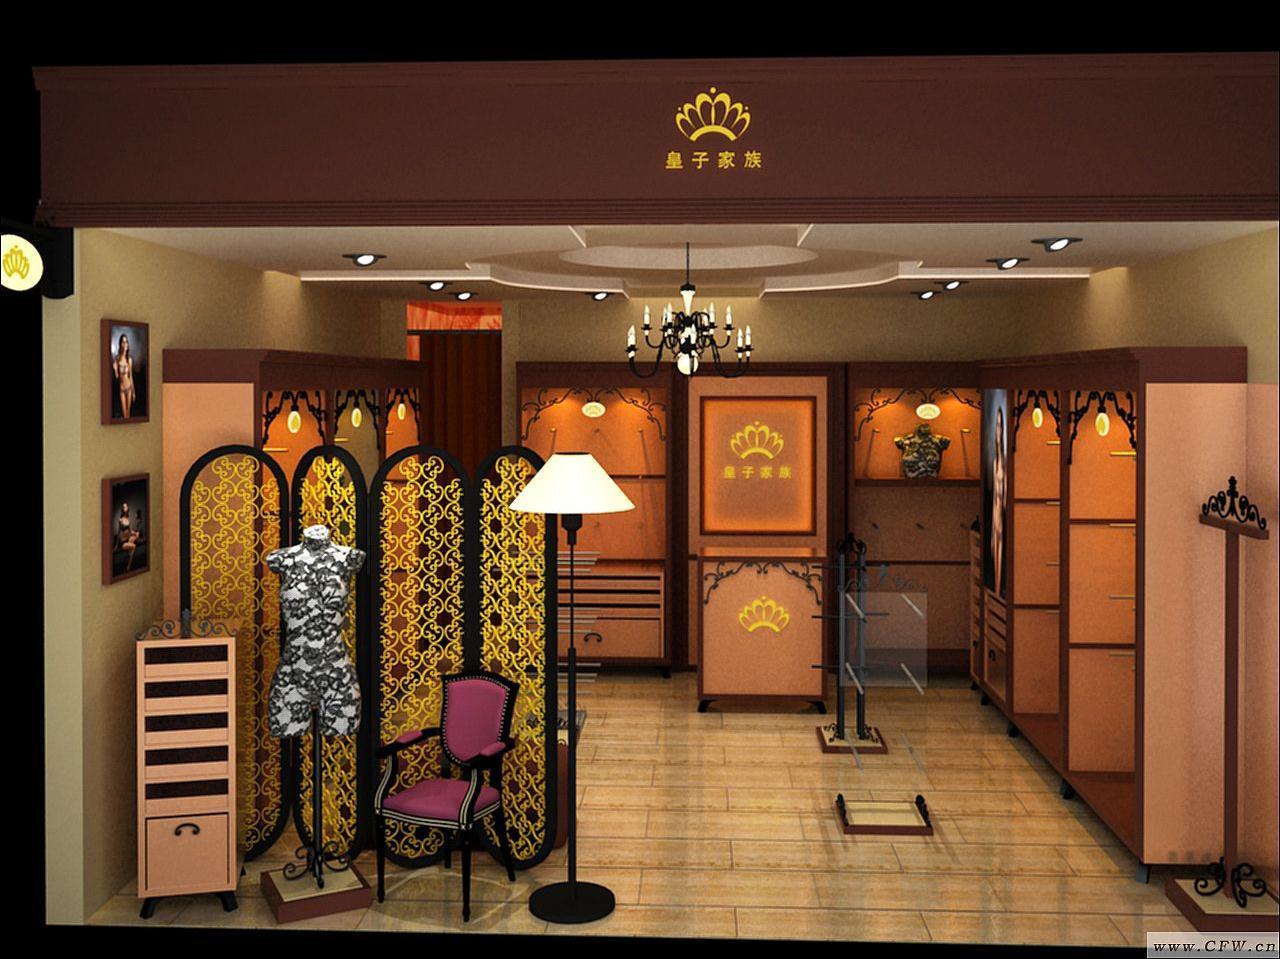 店面效果-橱窗陈列设计-服装设计